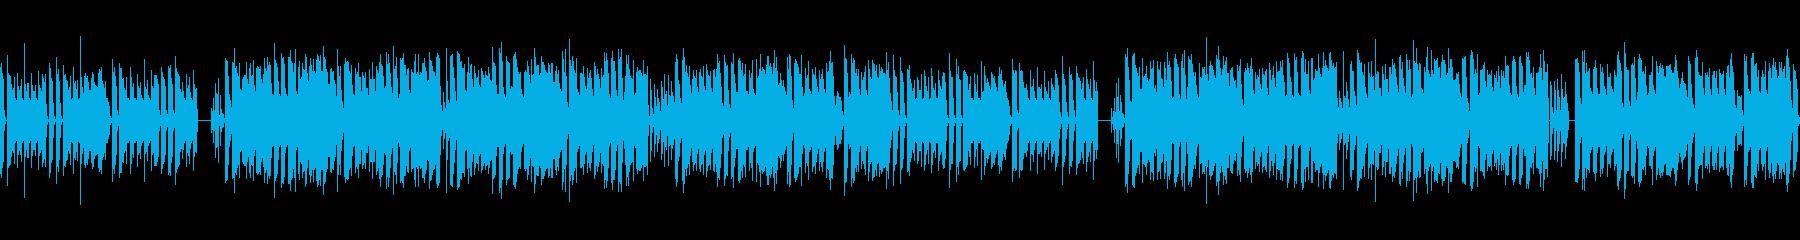 【メインメロ抜】ハッピーコアの再生済みの波形